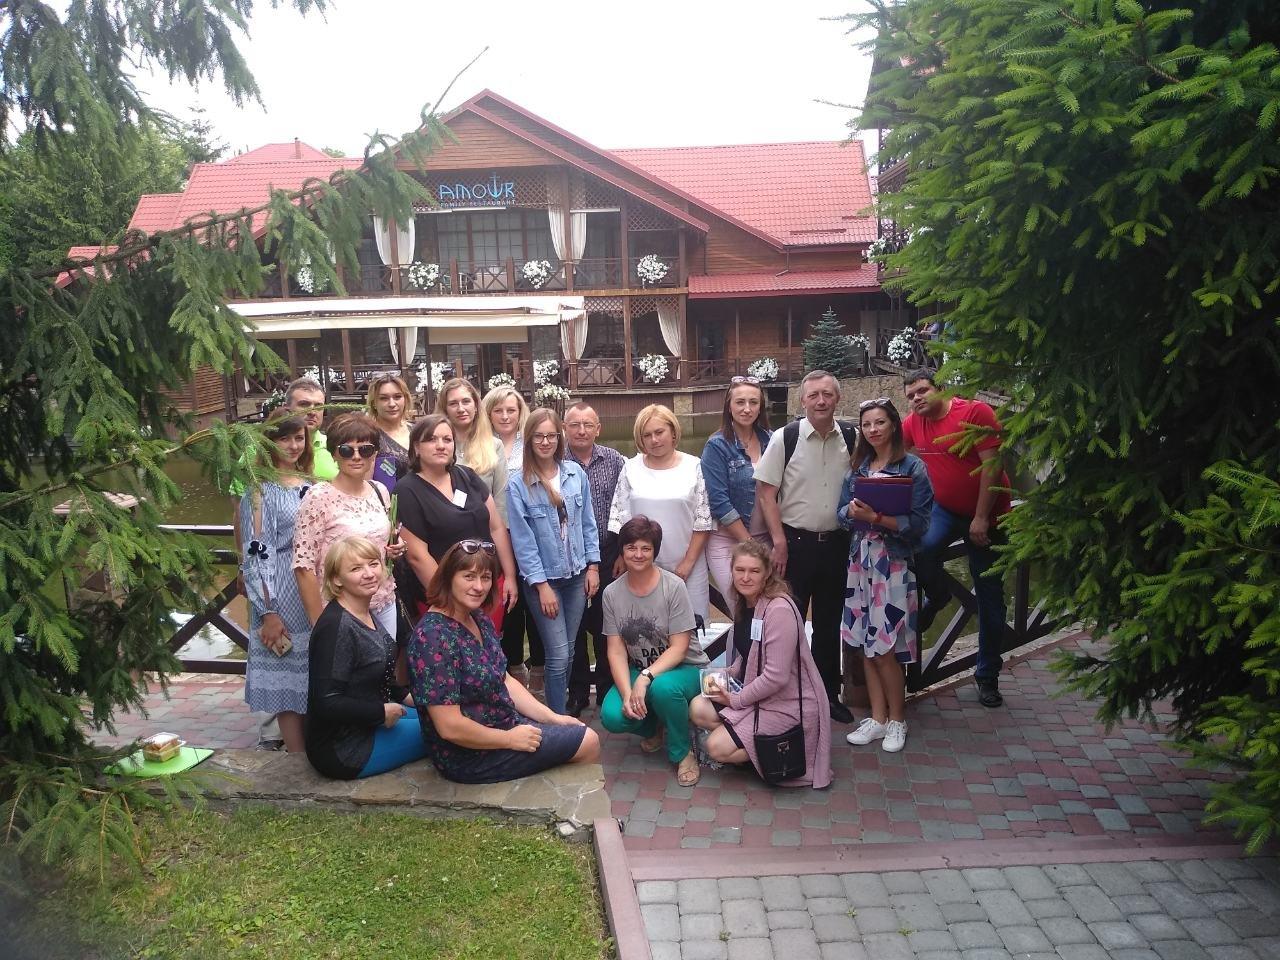 Староушицька ОТГ розвиває місцевий туризм, фото-9, Фото: Староушицька громада